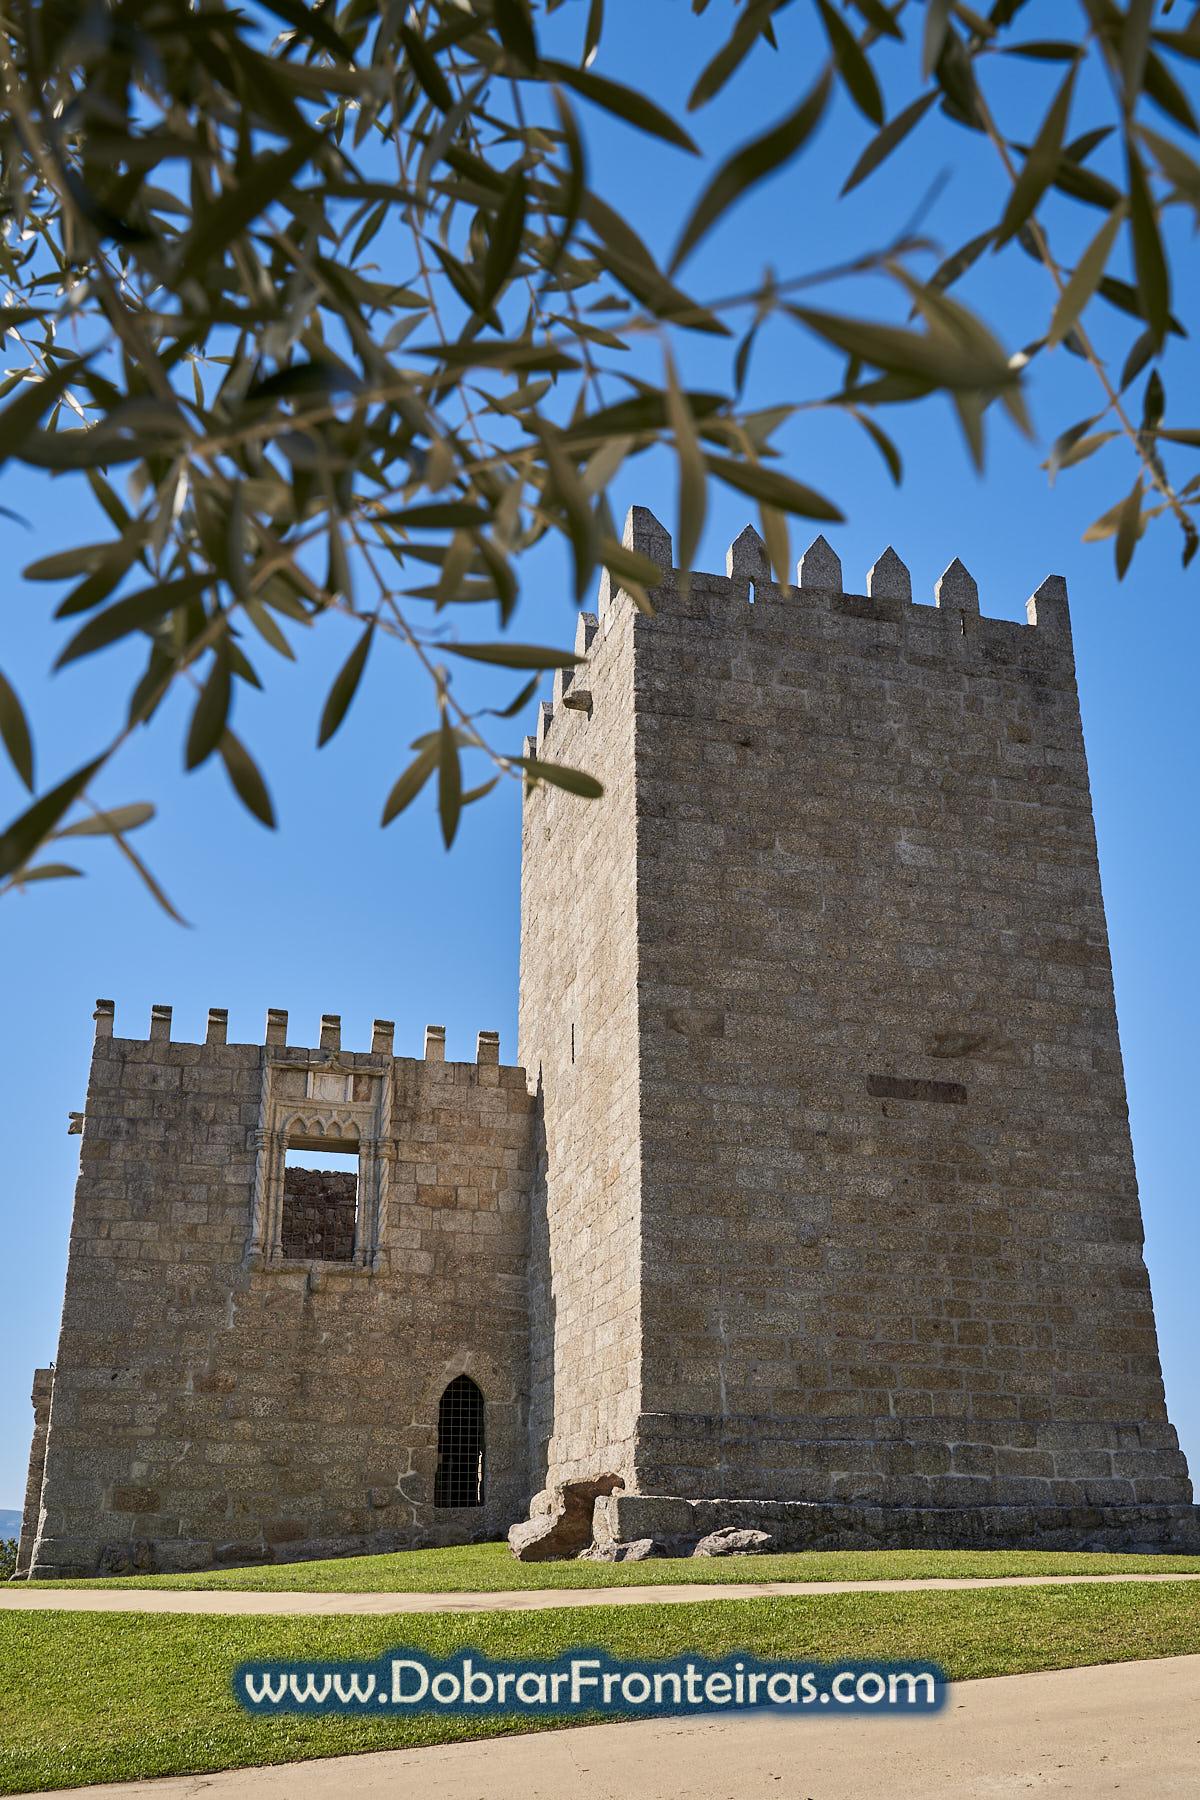 Fachada do Paço de Giela, castelo em Arcos de Valdevez